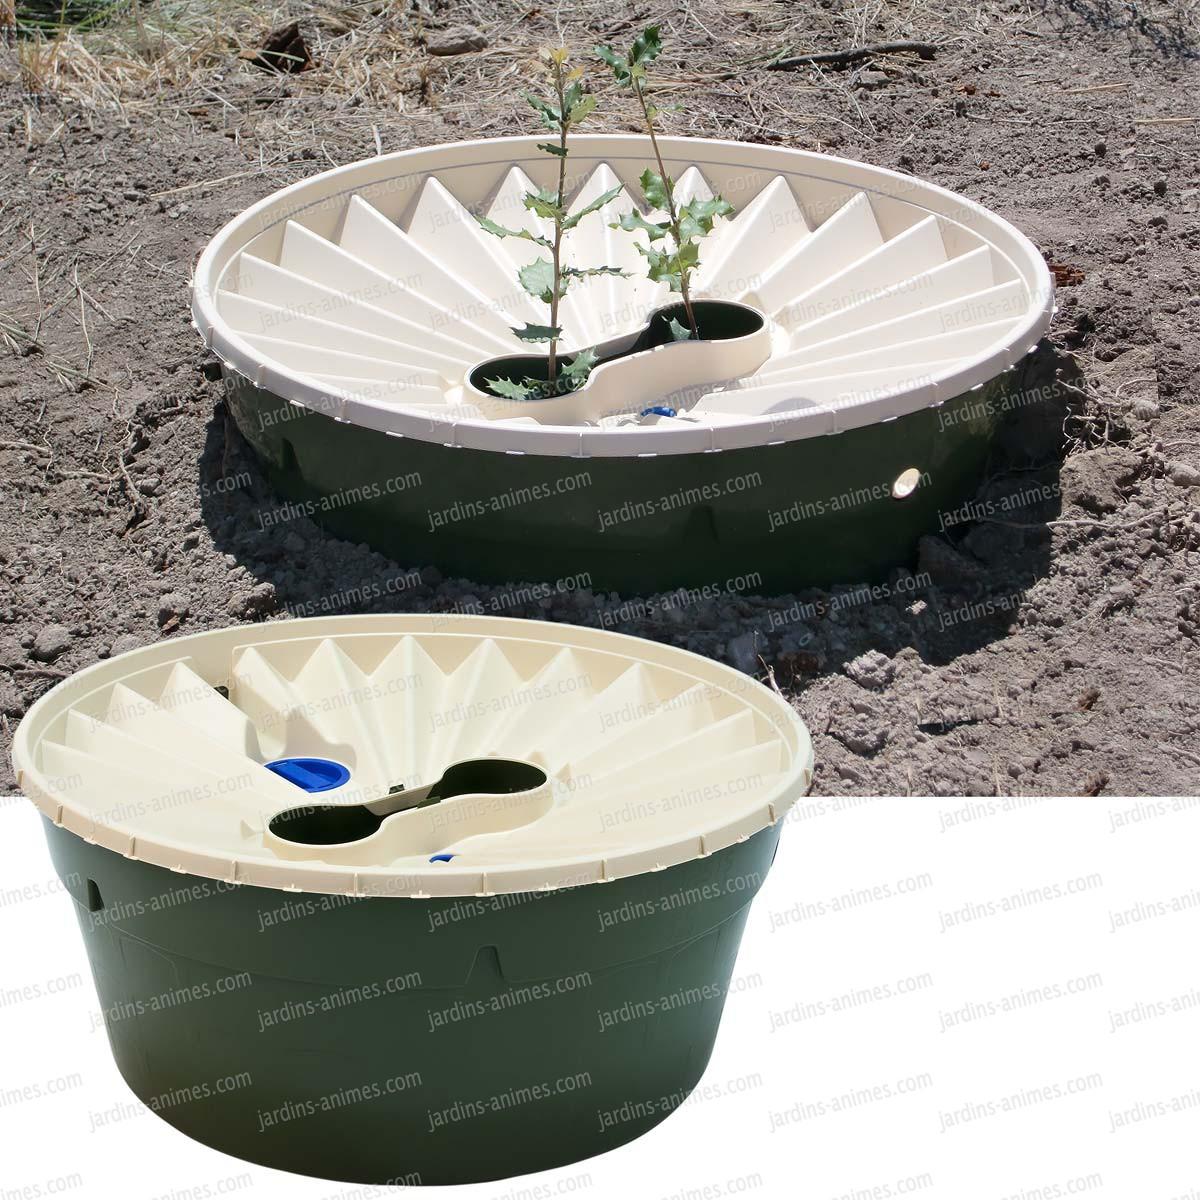 Comment planter des tomates - Comment planter des kiwis ...